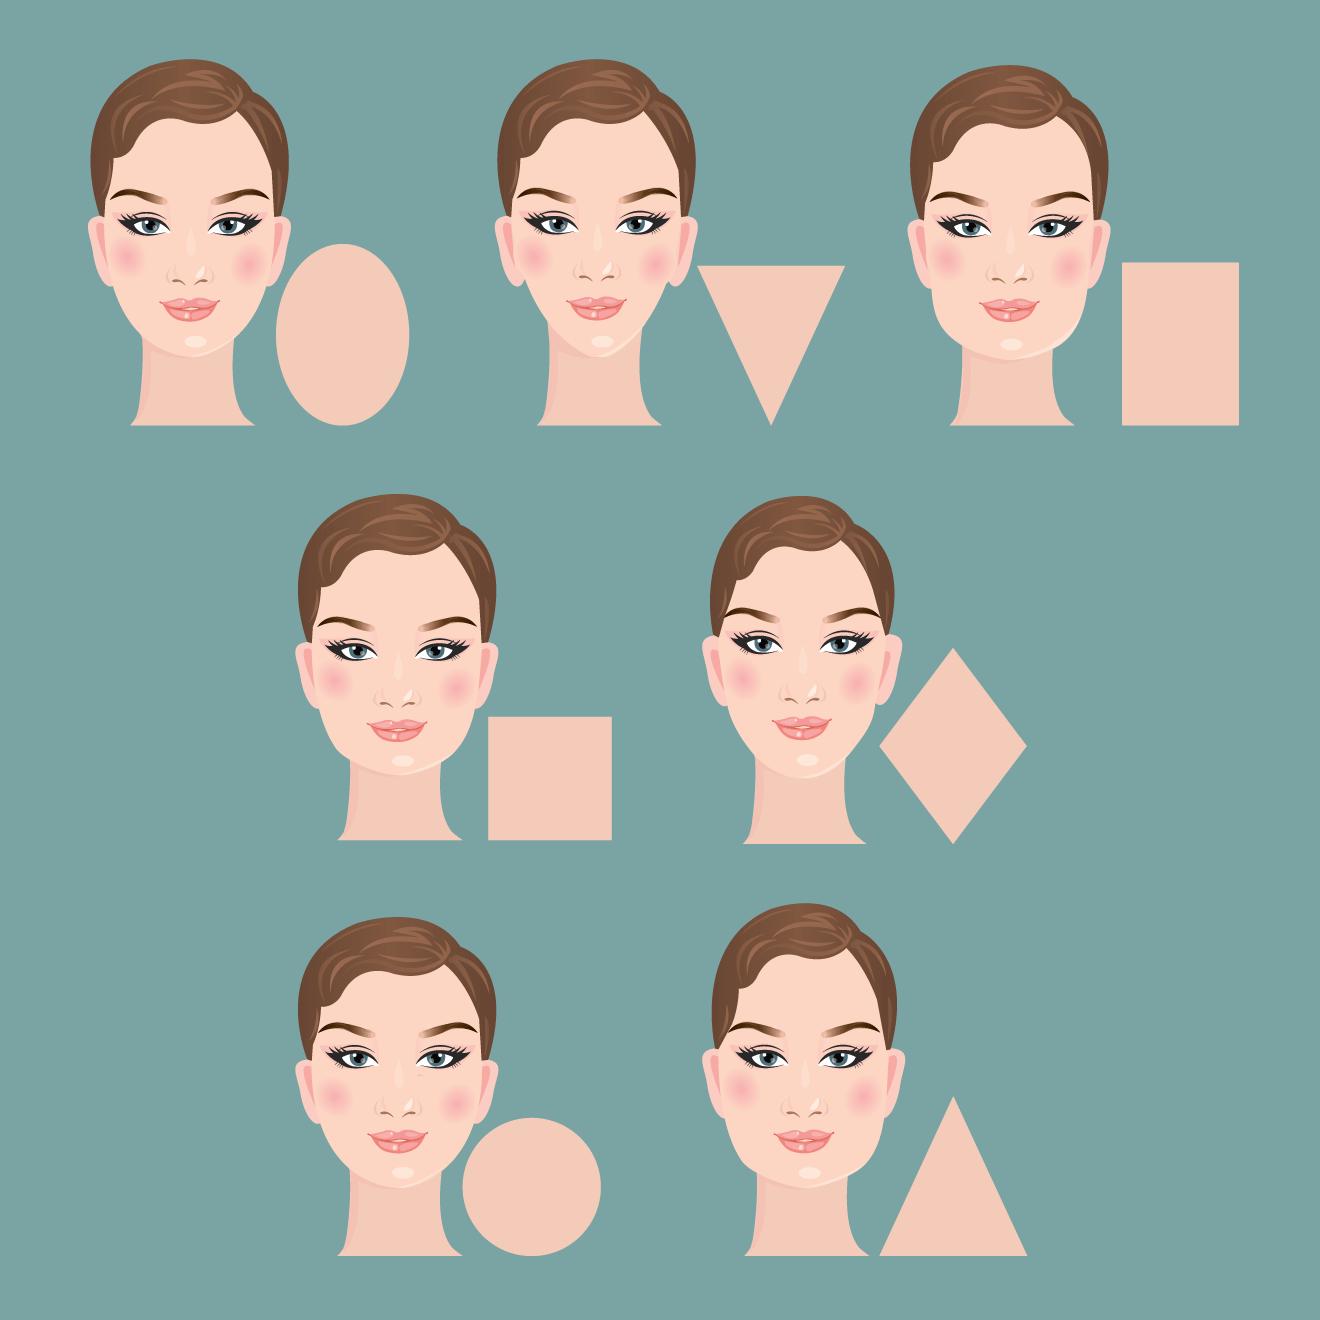 چه شینیونی برای فرم صورت شما مناسب است؟